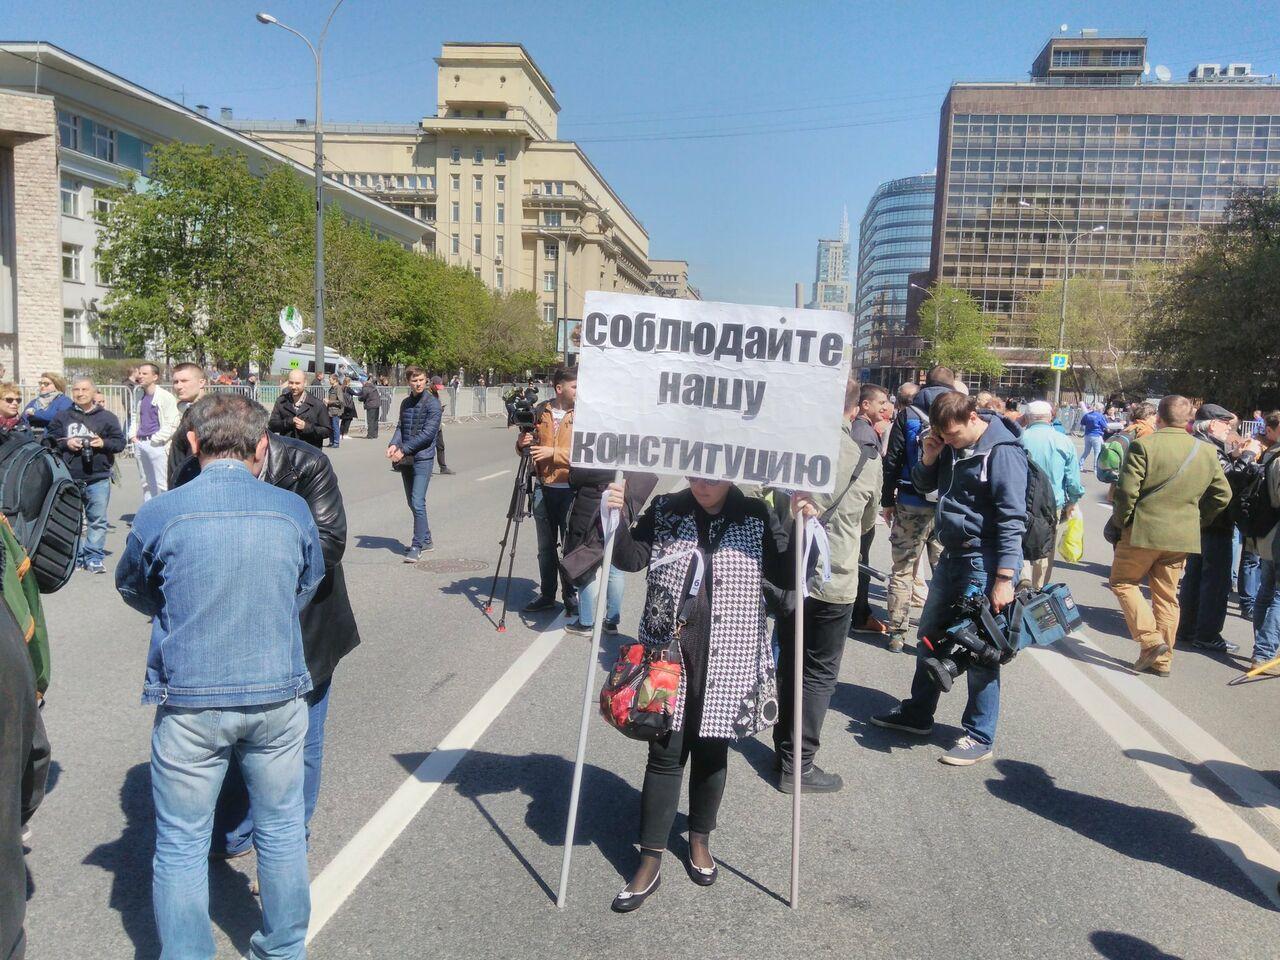 Милиция насчитала 1 000 участников намитинге против репрессий в столице